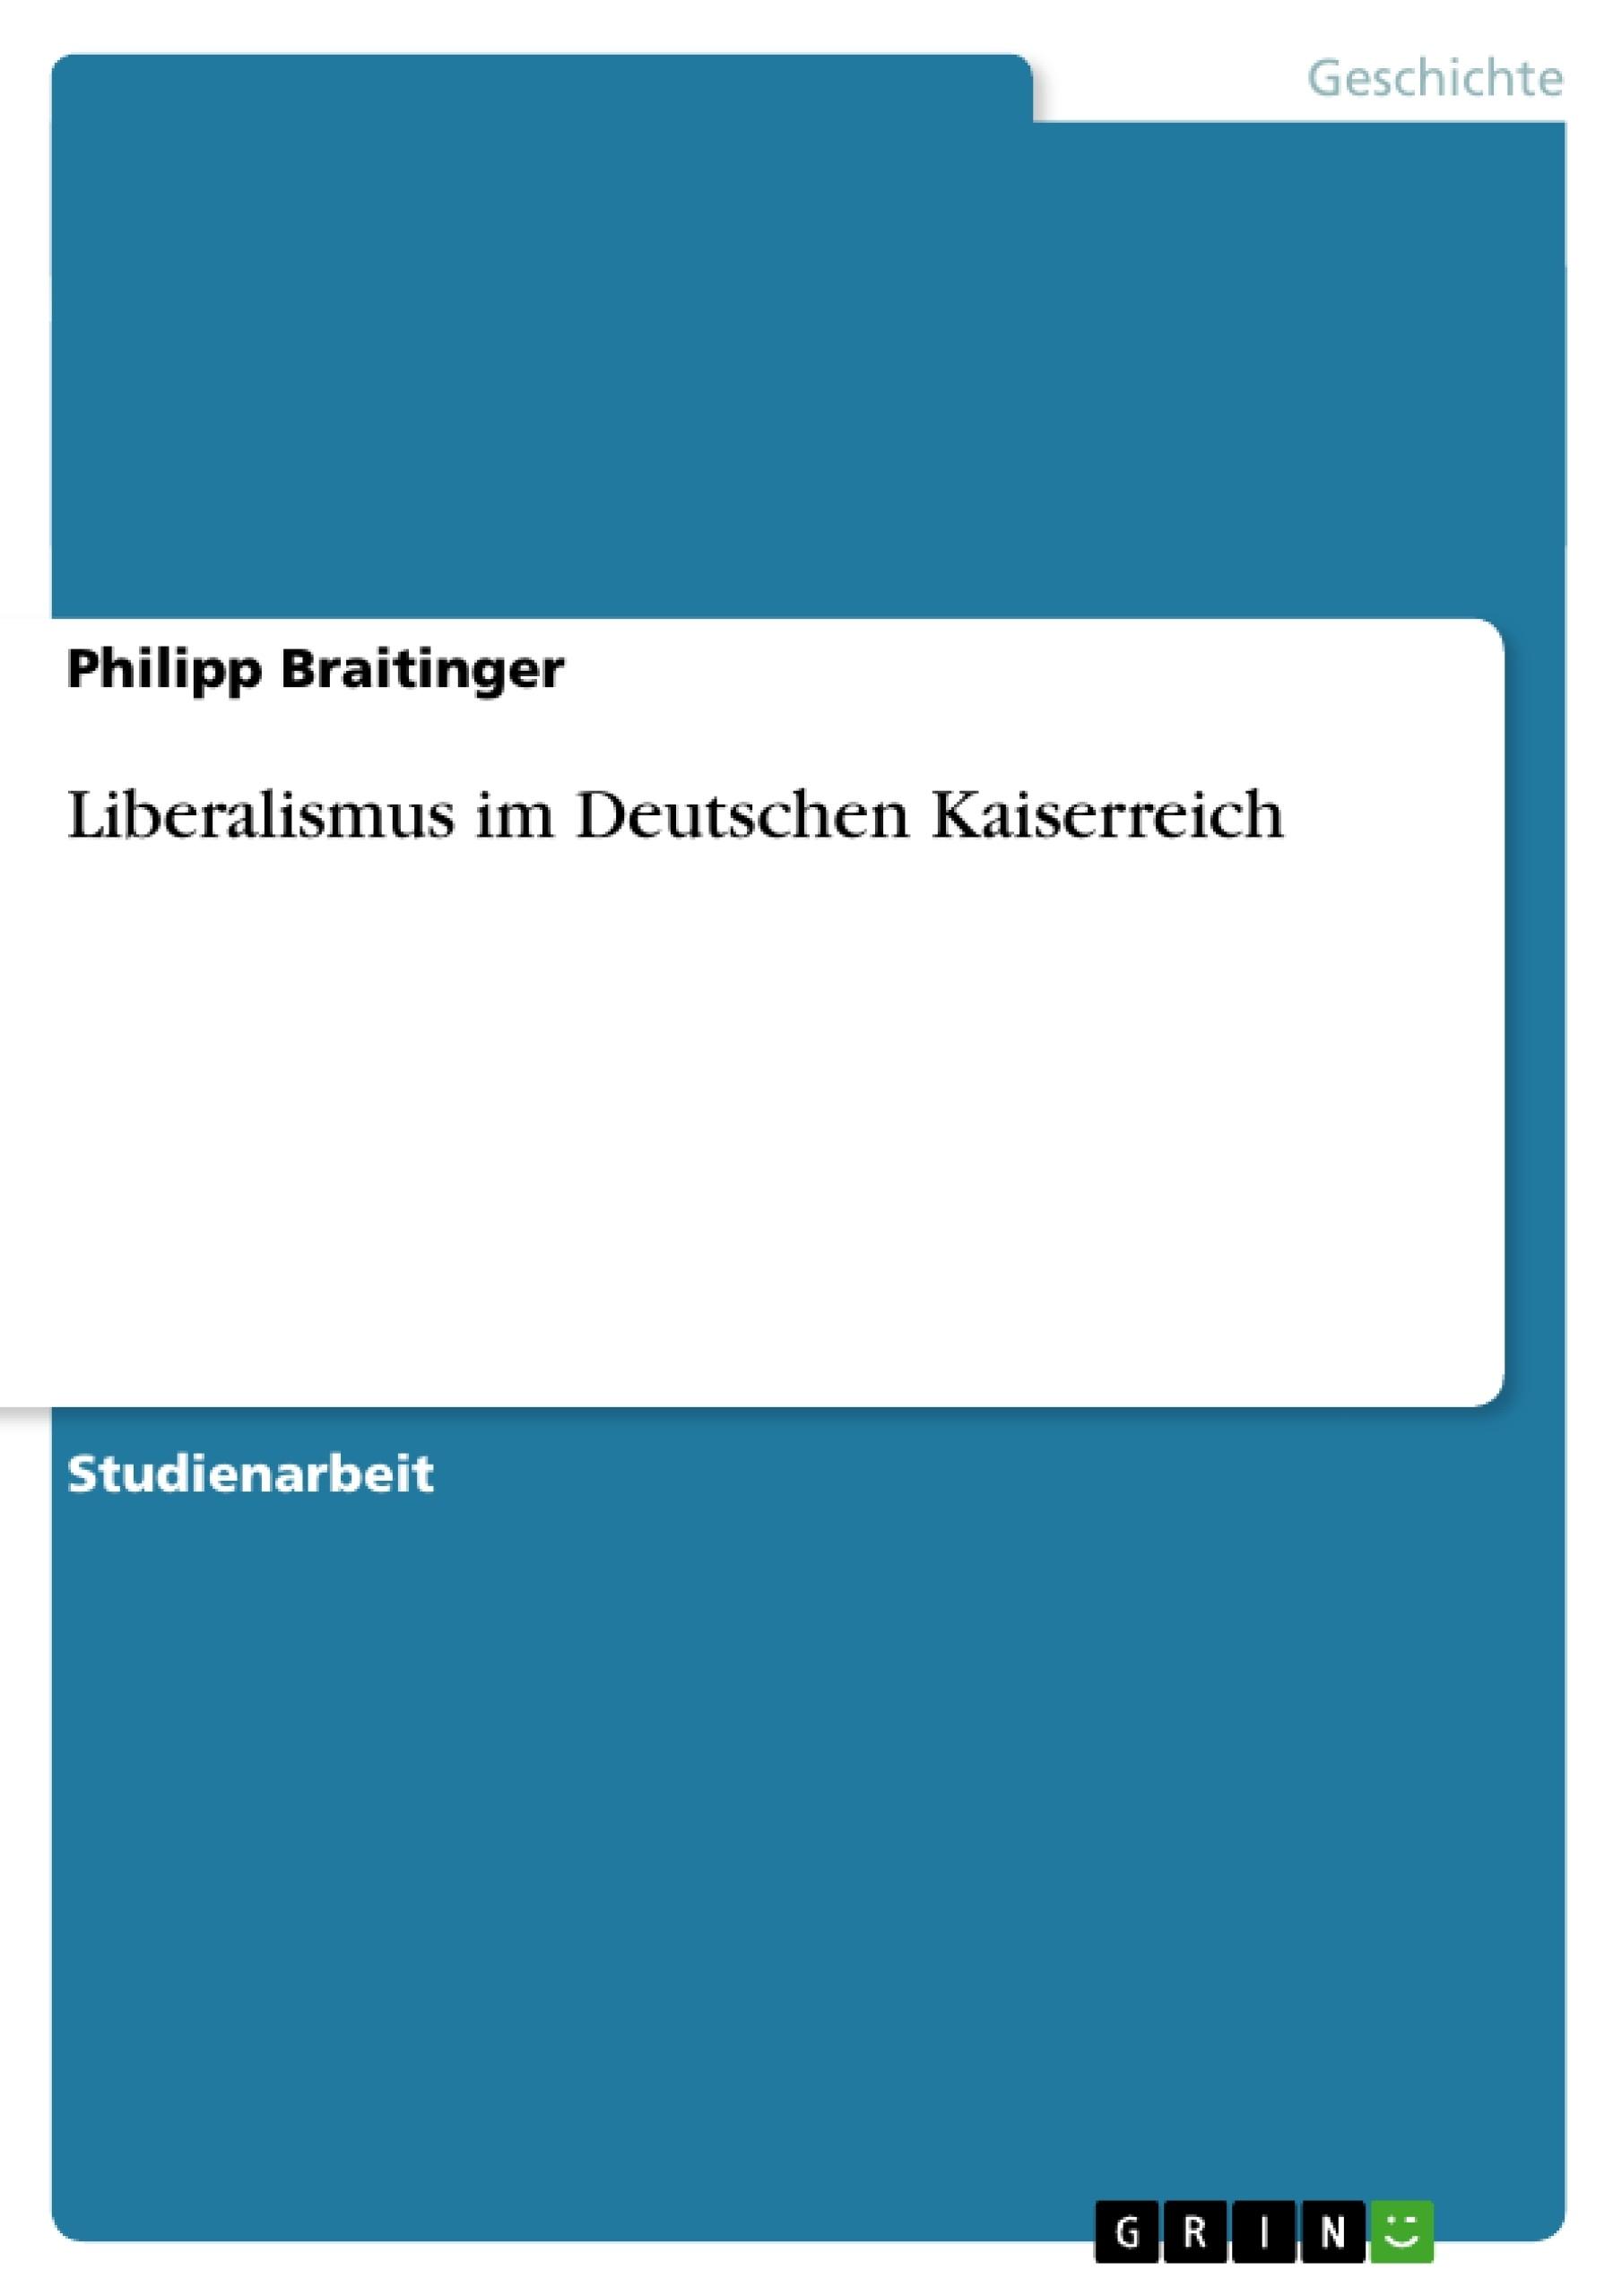 Titel: Liberalismus im Deutschen Kaiserreich